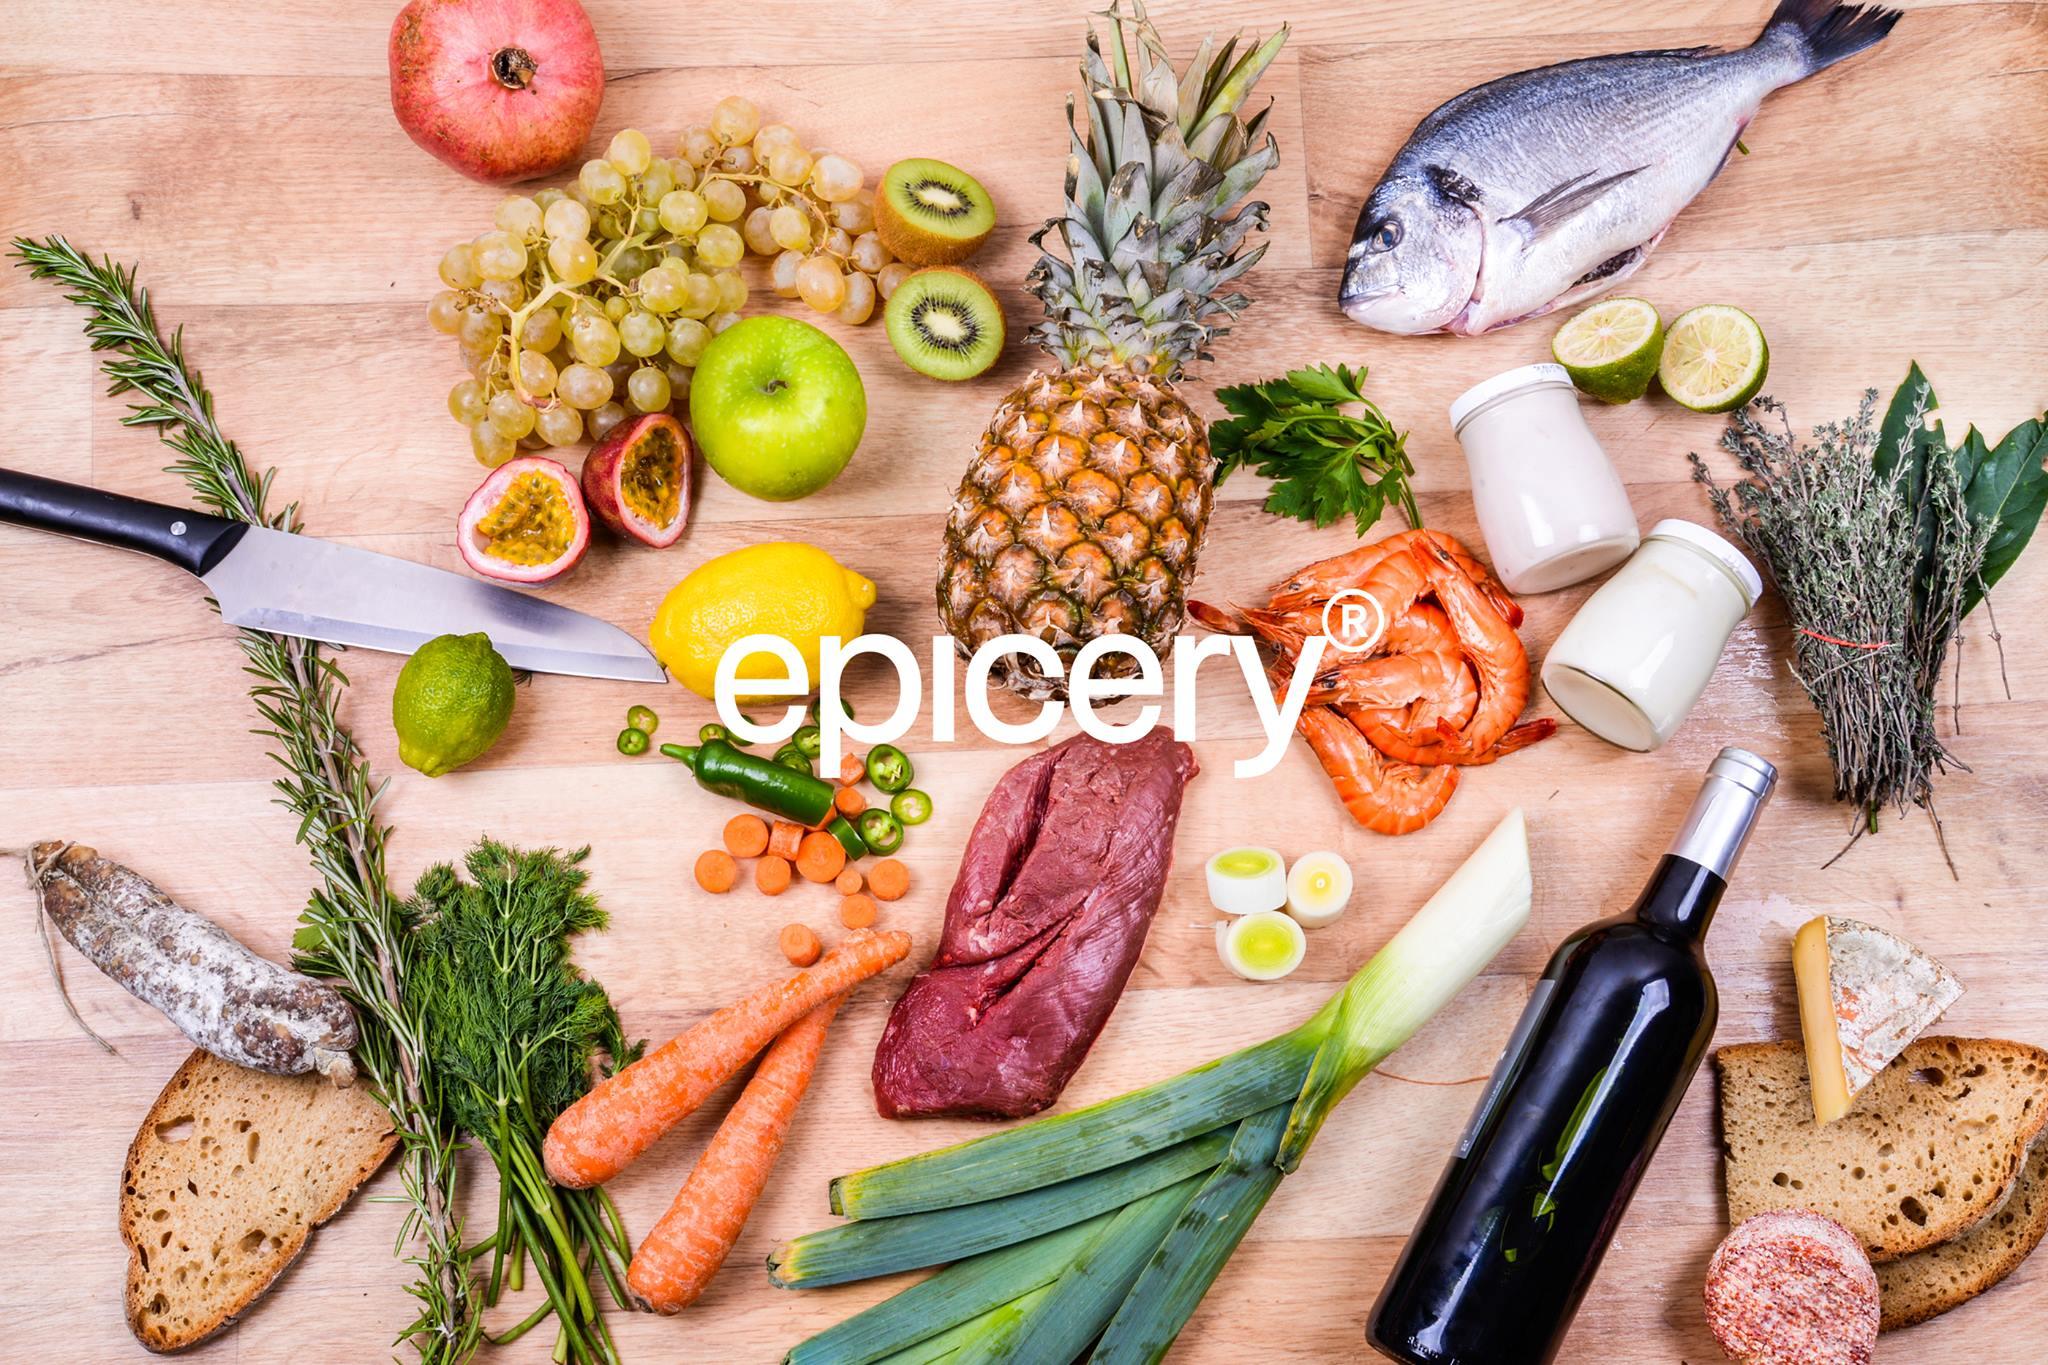 Avis Epicery - Test du site de livraison des commerces de proximité